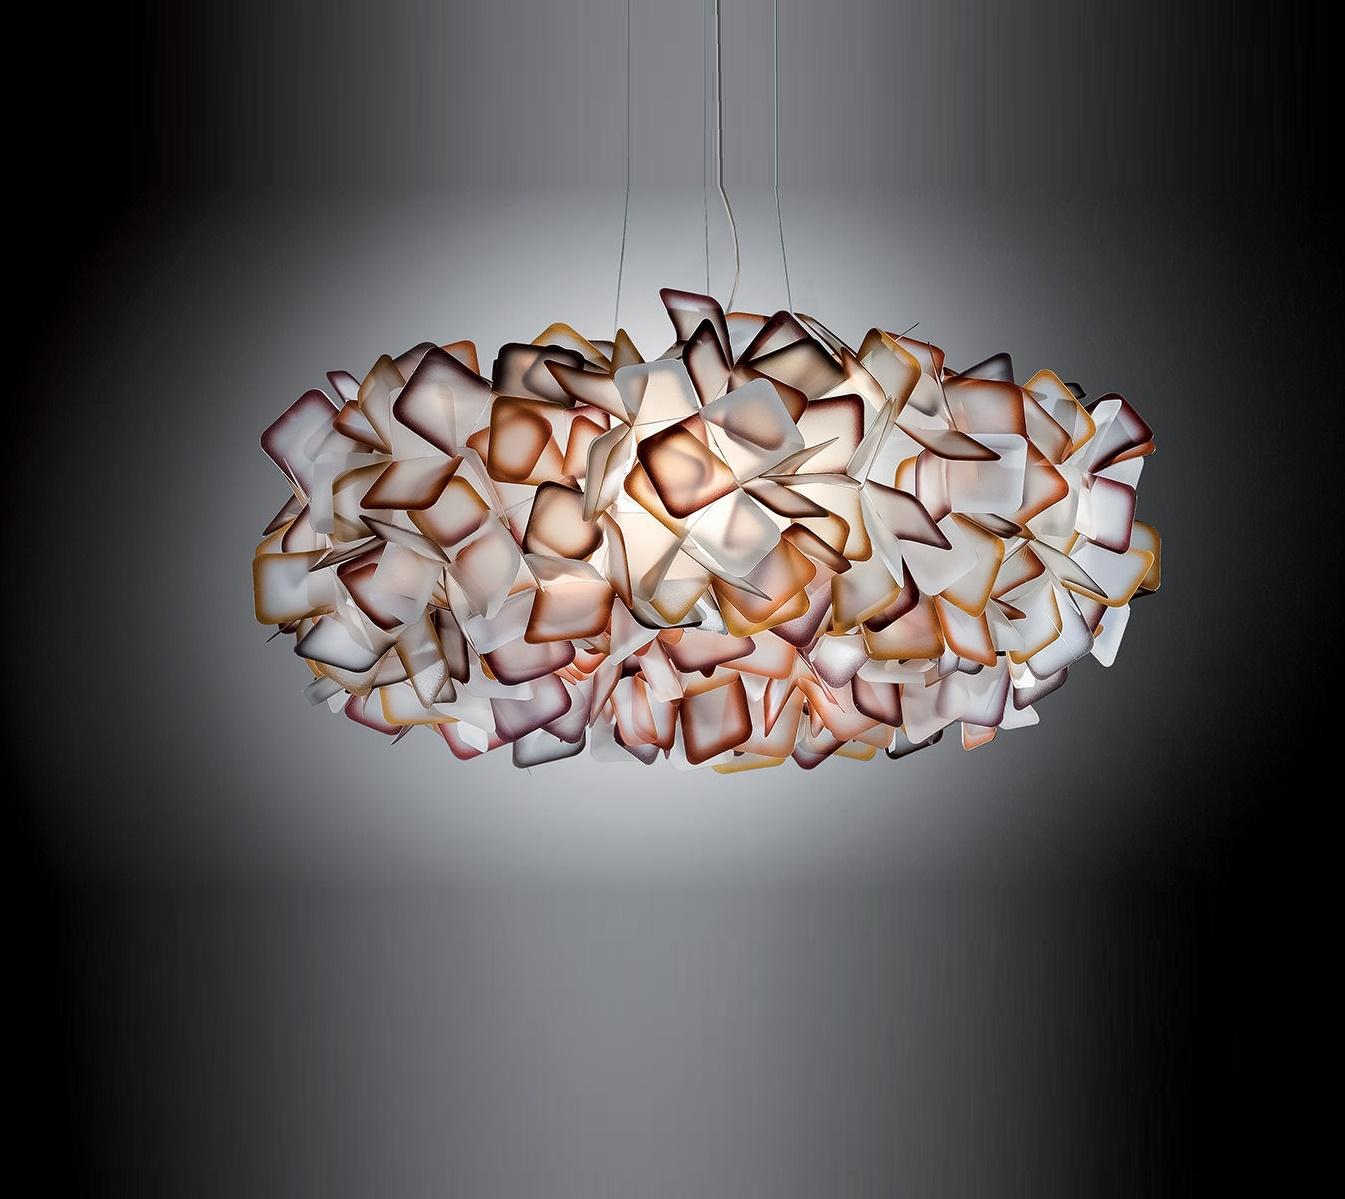 suspension clizia orange 53cm slamp luminaires nedgis. Black Bedroom Furniture Sets. Home Design Ideas